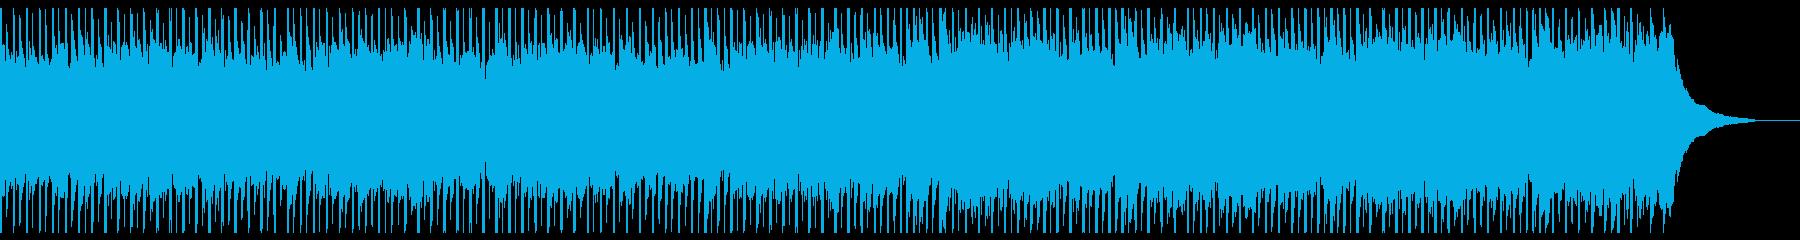 広告音楽(中)の再生済みの波形